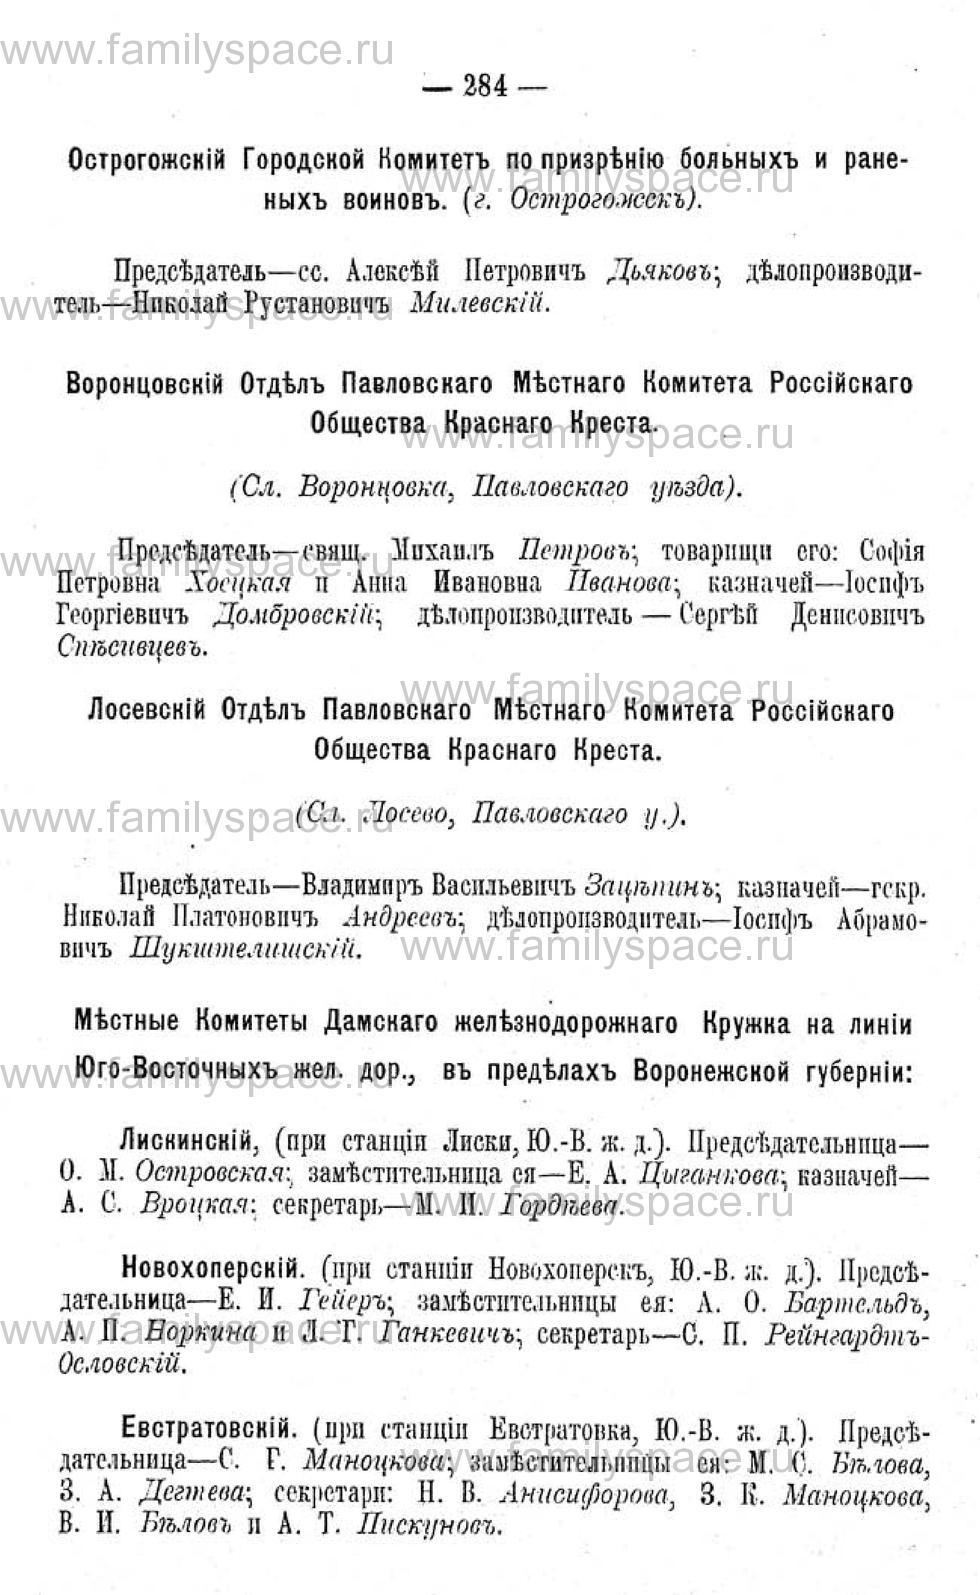 Поиск по фамилии - Памятная книжка Воронежской губернии на 1915 год, страница 4284